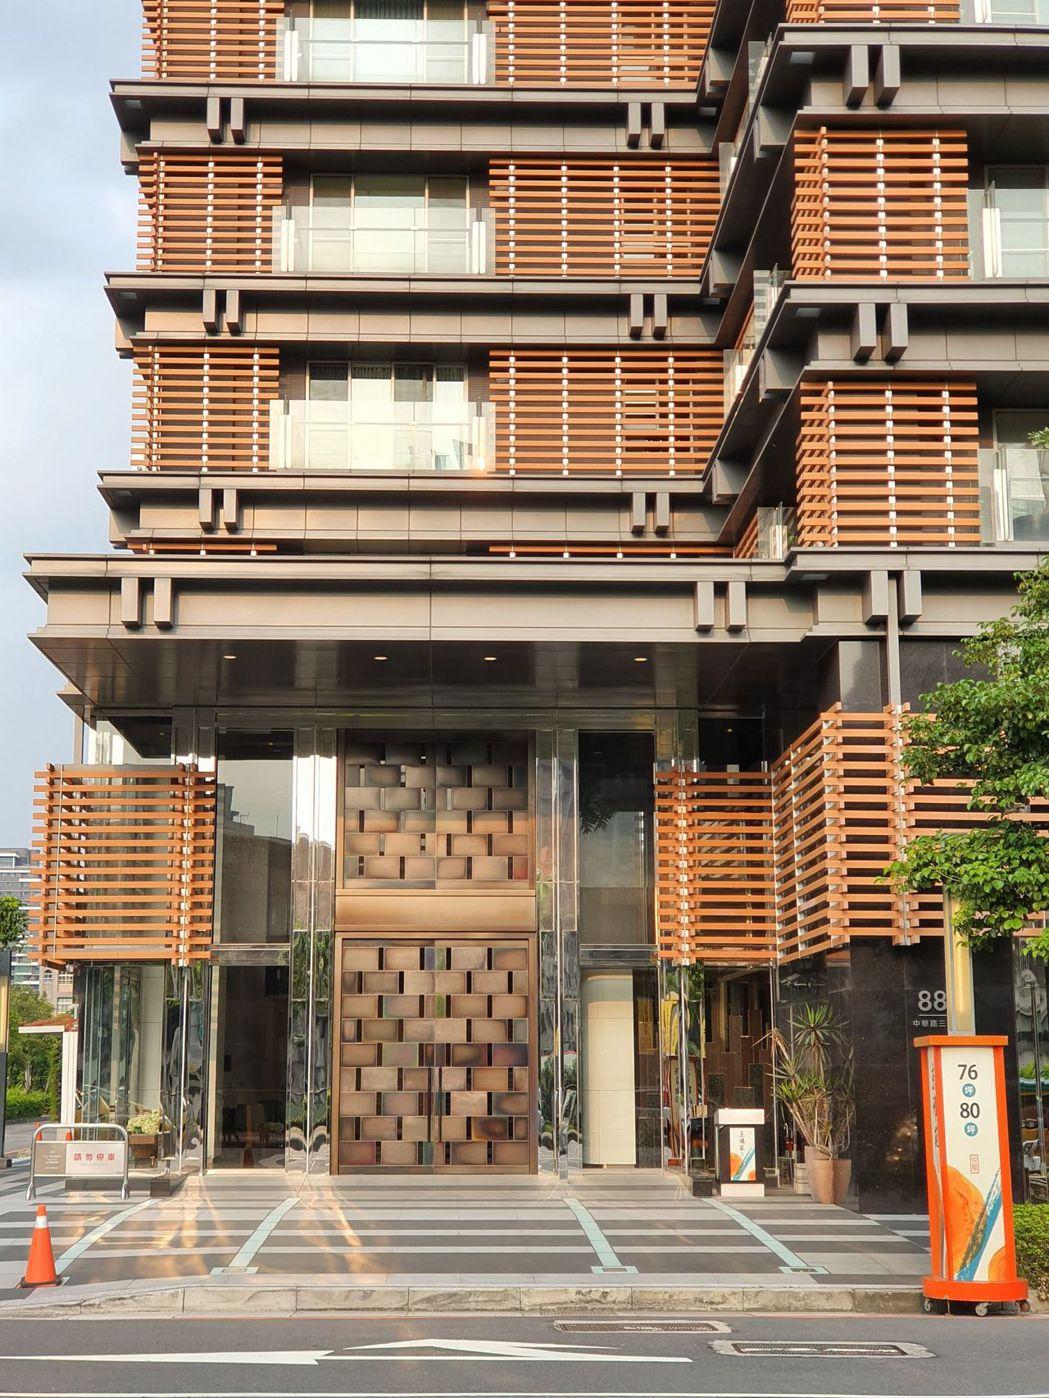 吳奇隆在新莊的豪宅,大門可說是門禁森嚴,完全看不到裡面。記者陳慧貞/攝影